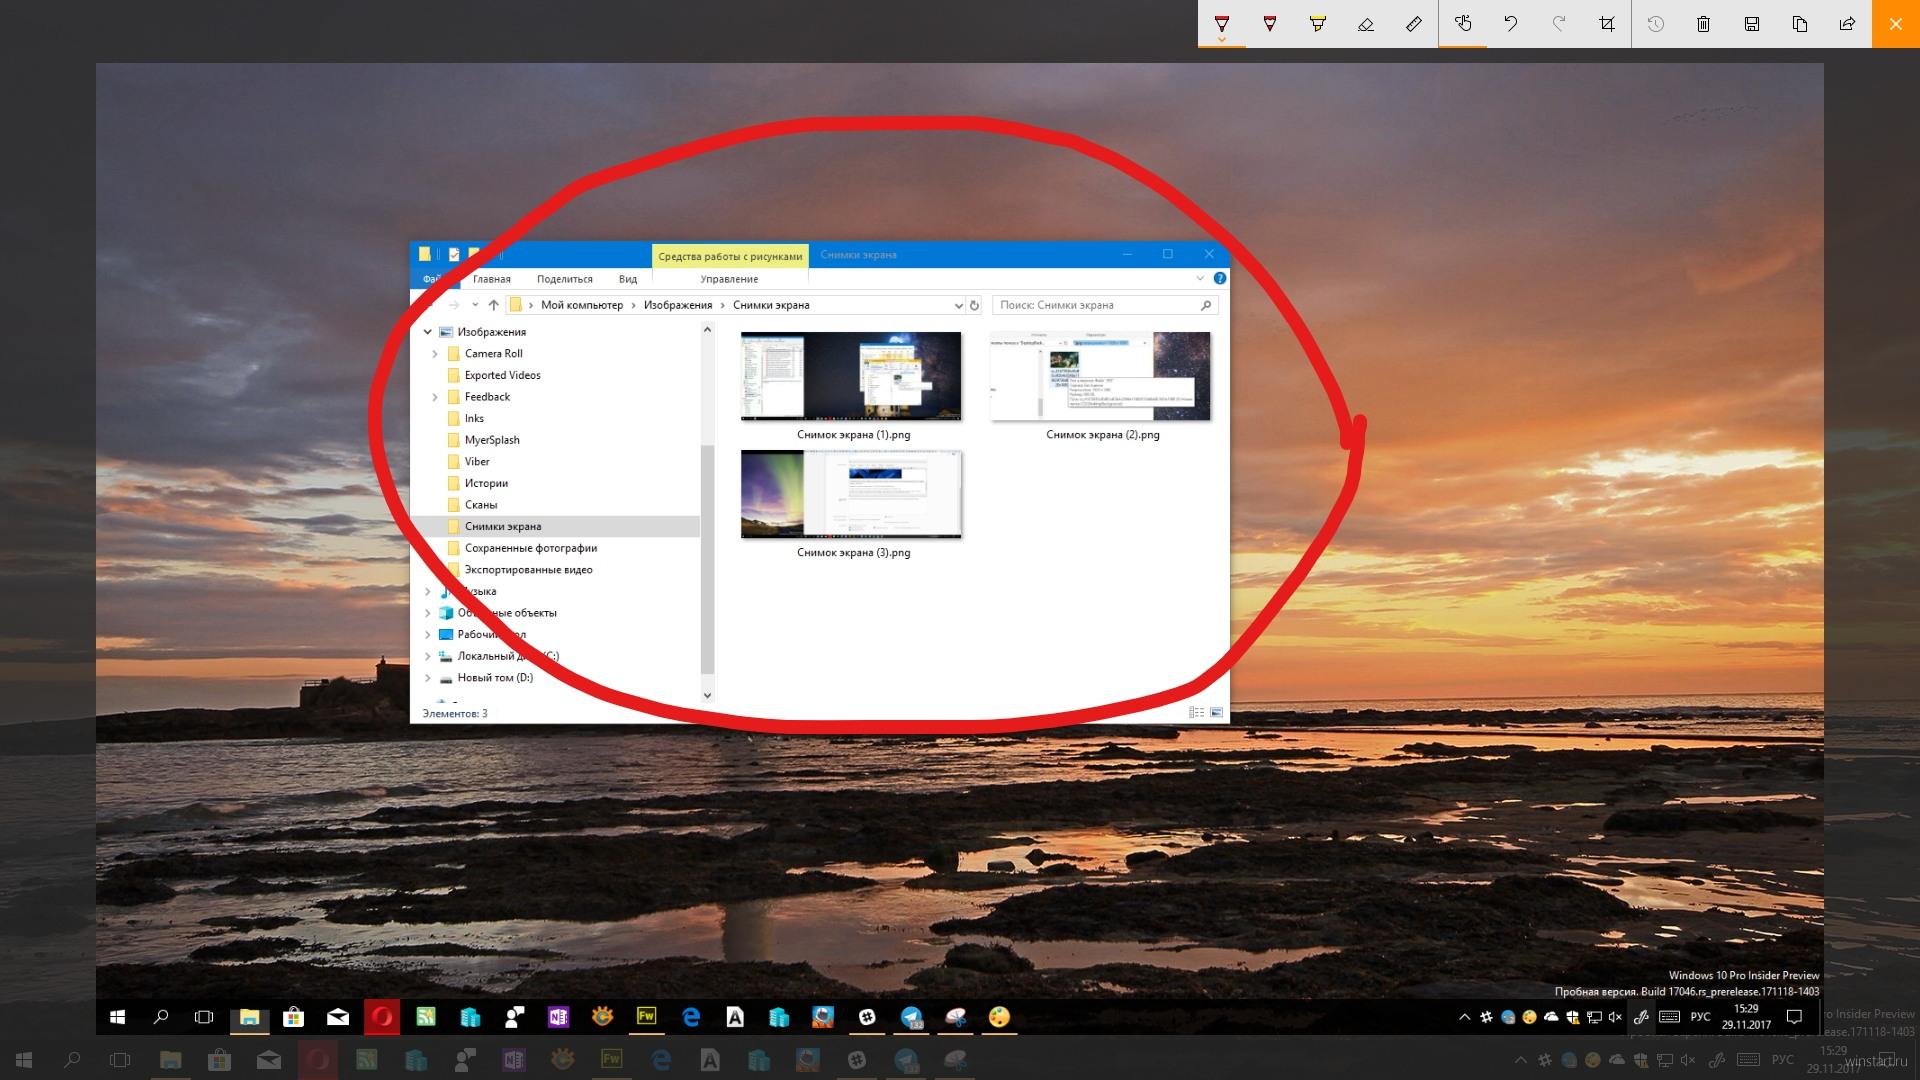 Как сделать скрин экрана компьютера на windows 10